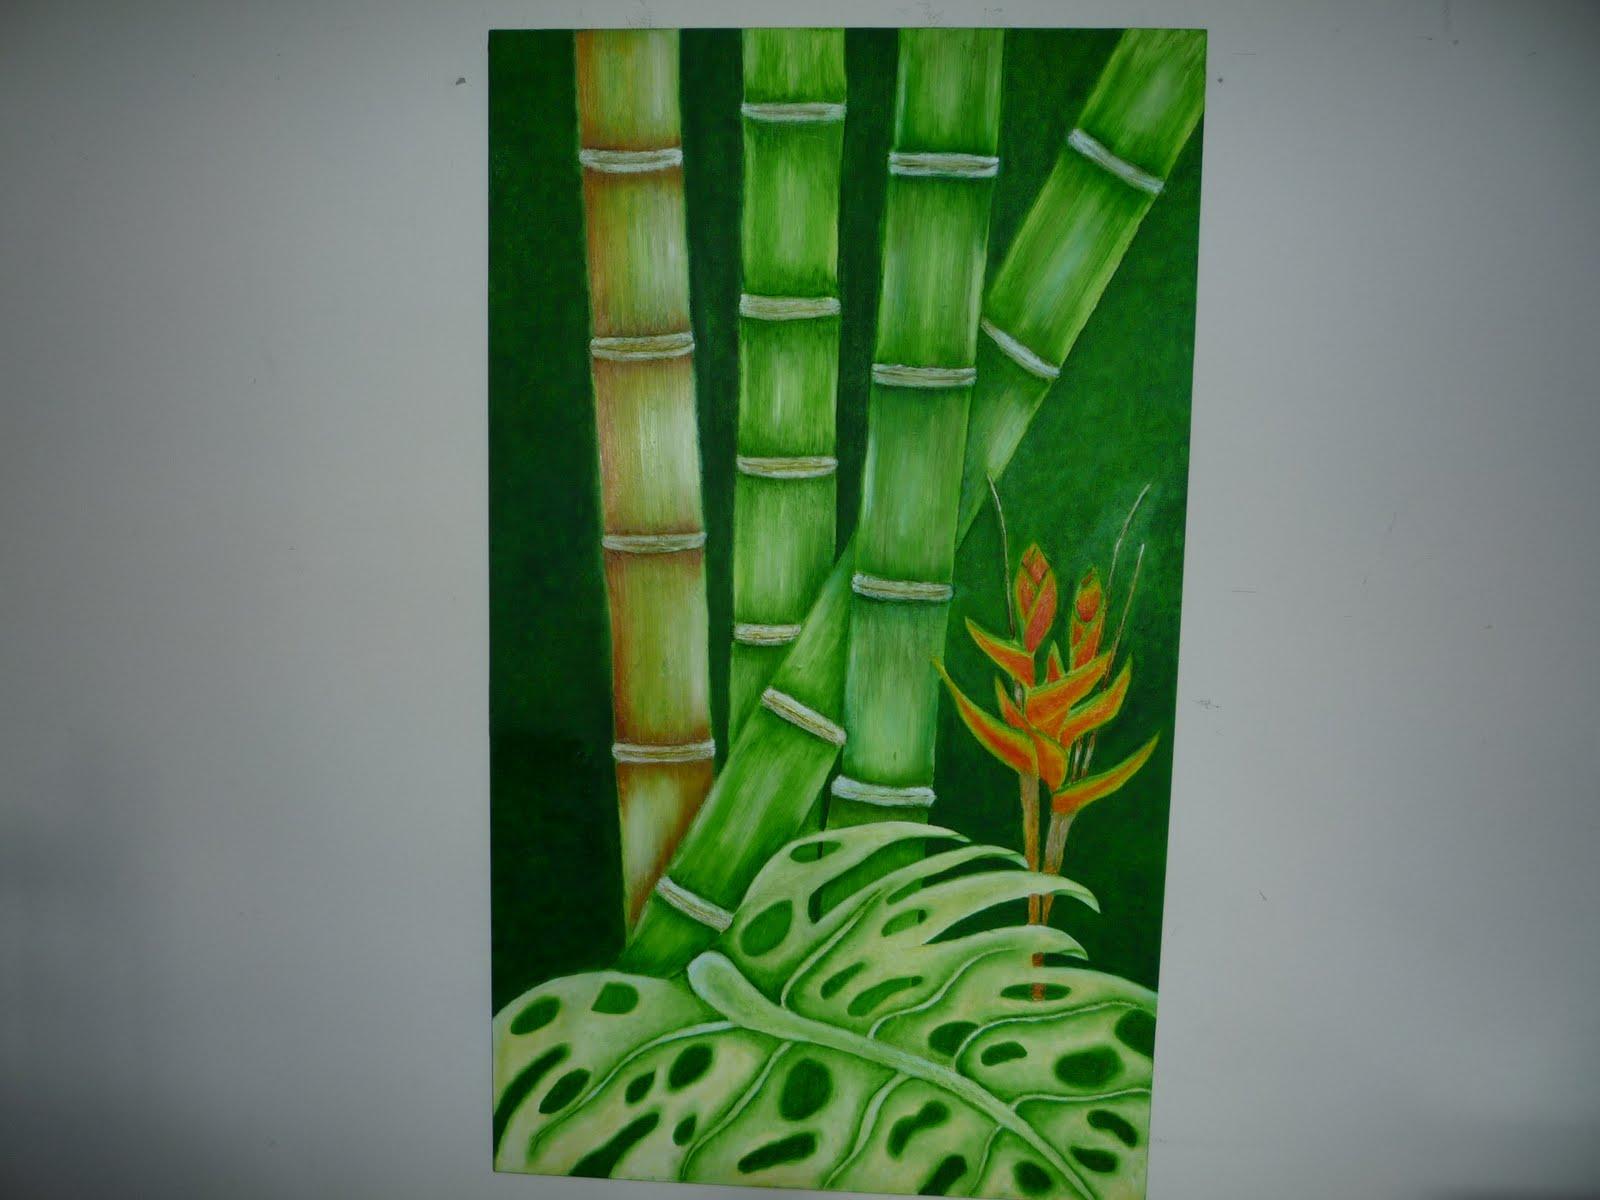 El taller de marleny cuadros pintados con oleo - Cuadros pintados con spray ...